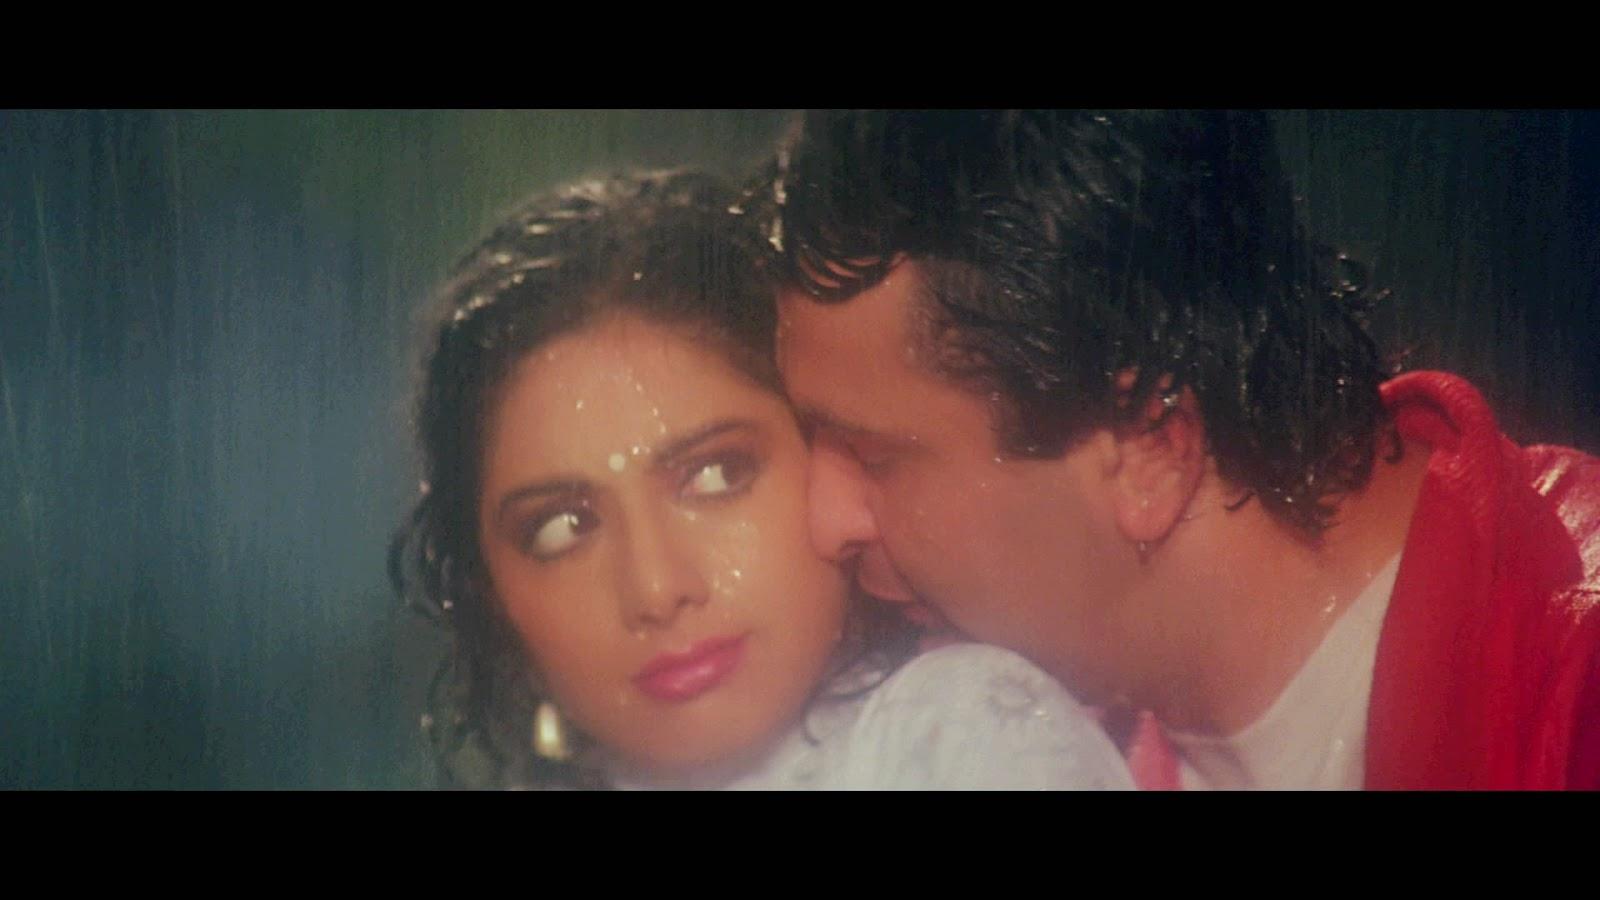 Chandni (1989) - Blu-Ray - 1080p - AVC - DTS-HDMA - 6CH - ESub - All VideoS - [ DrC ] - Multi-Links